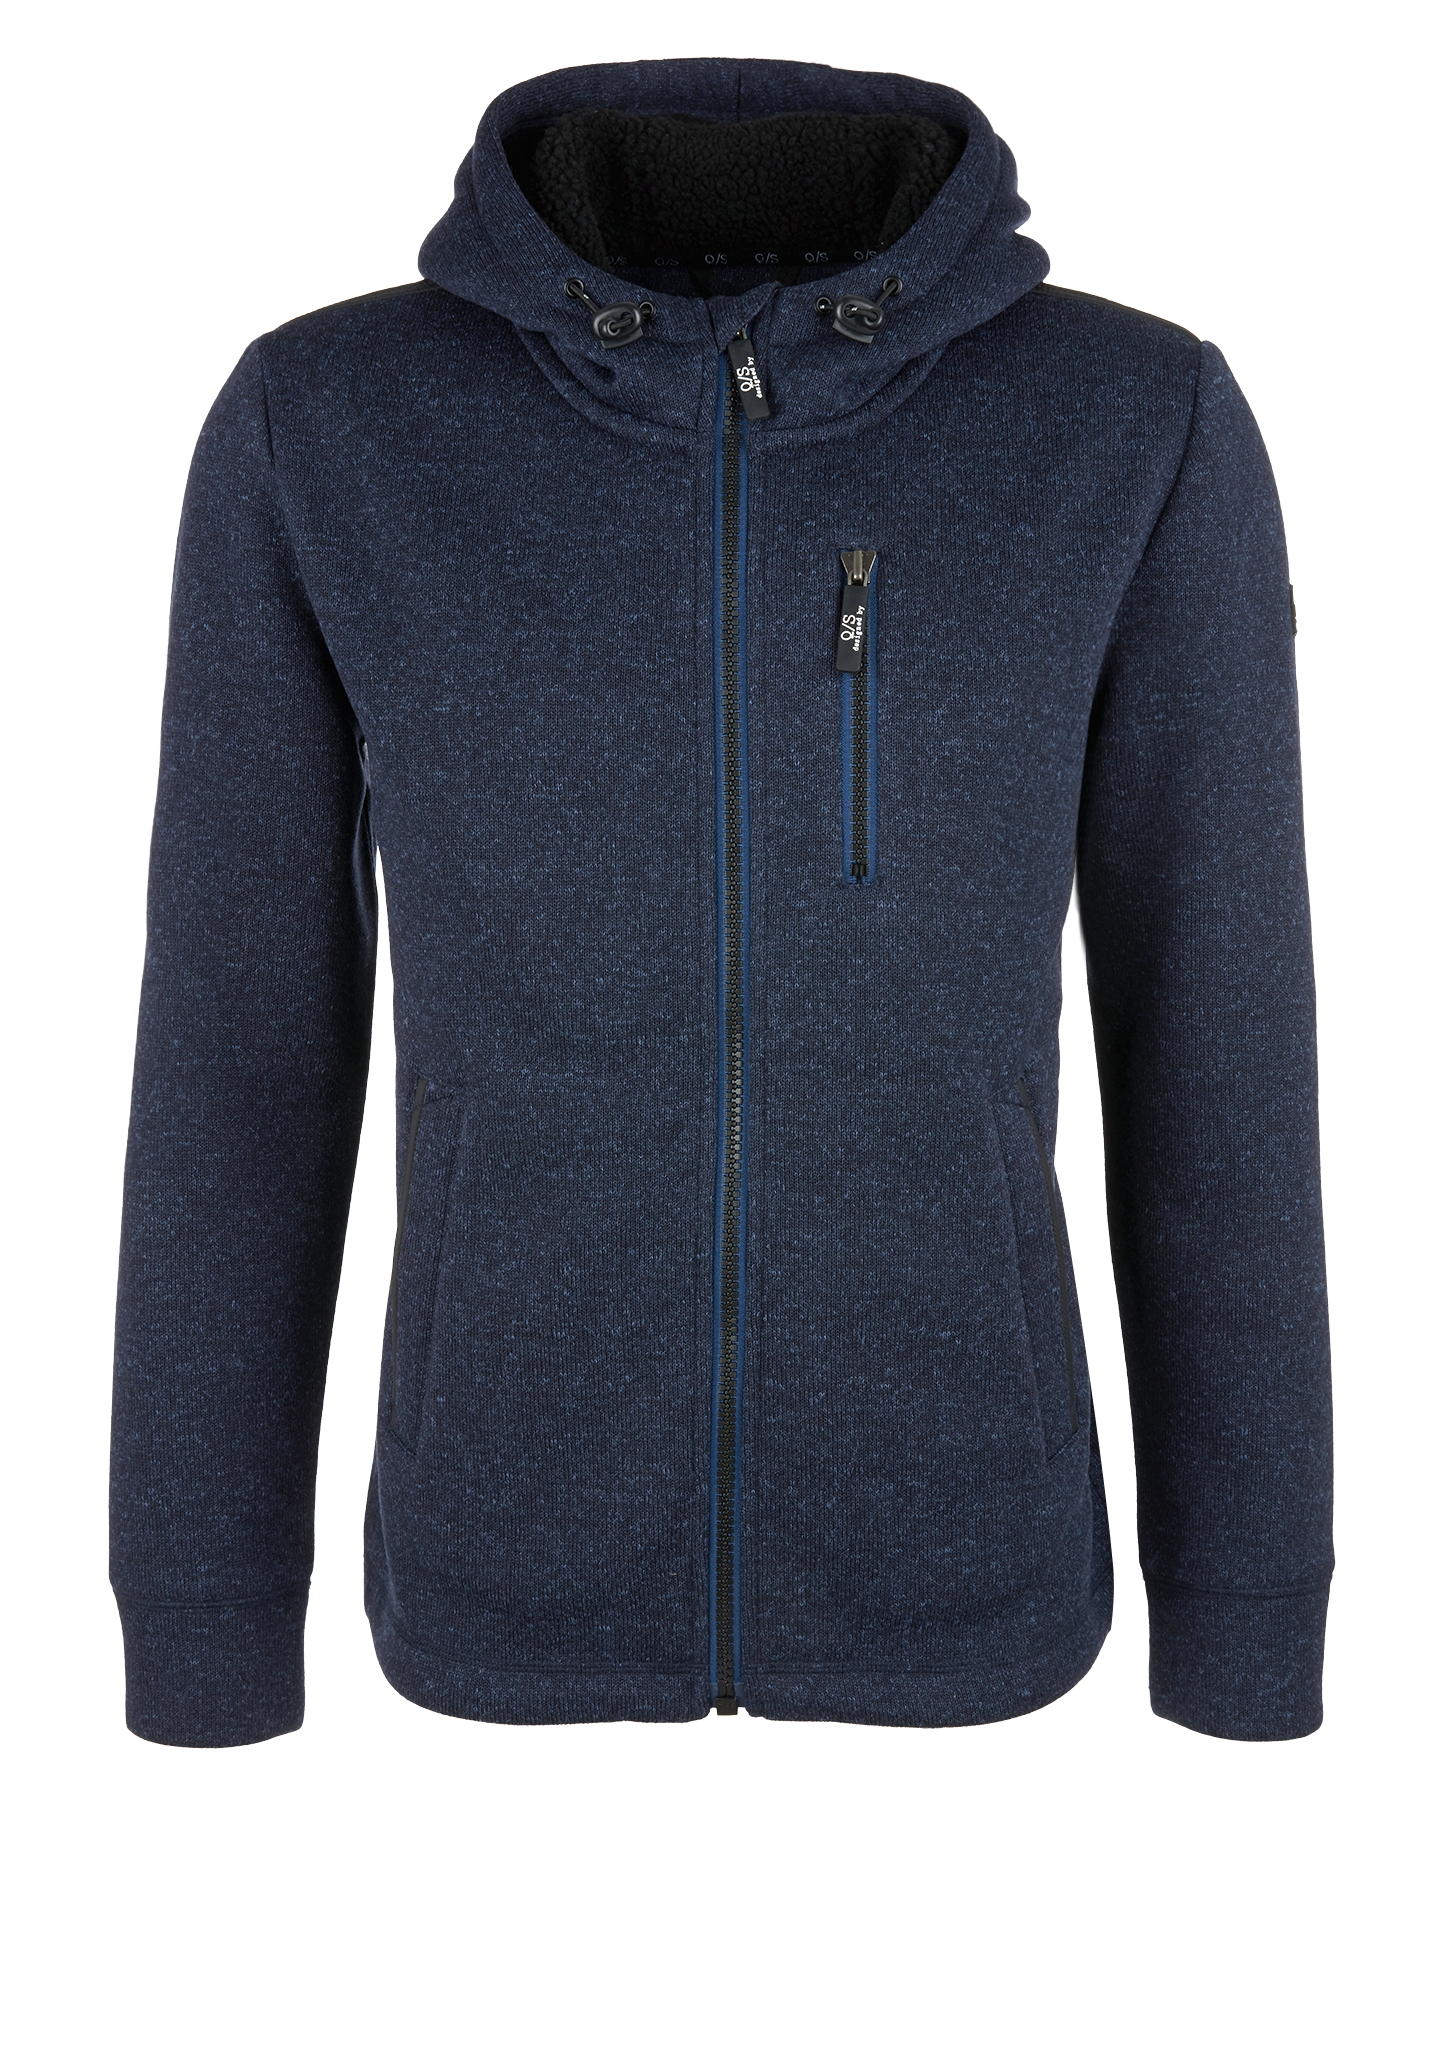 759ab704db polyester Strickjacken für Herren online kaufen | Herrenmode ...